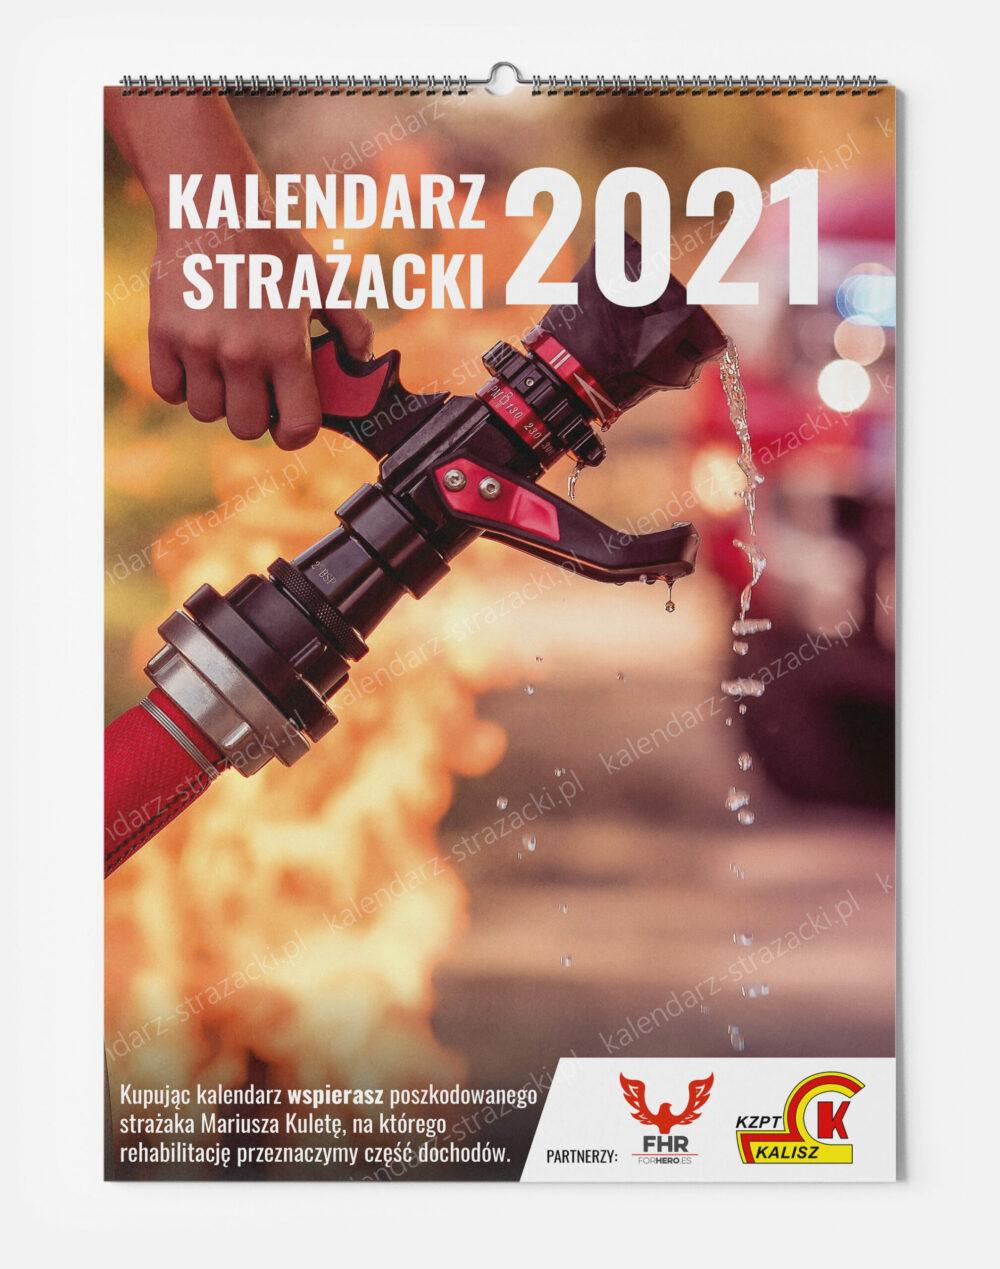 Kalendarz Strażacki 2021 - okładka